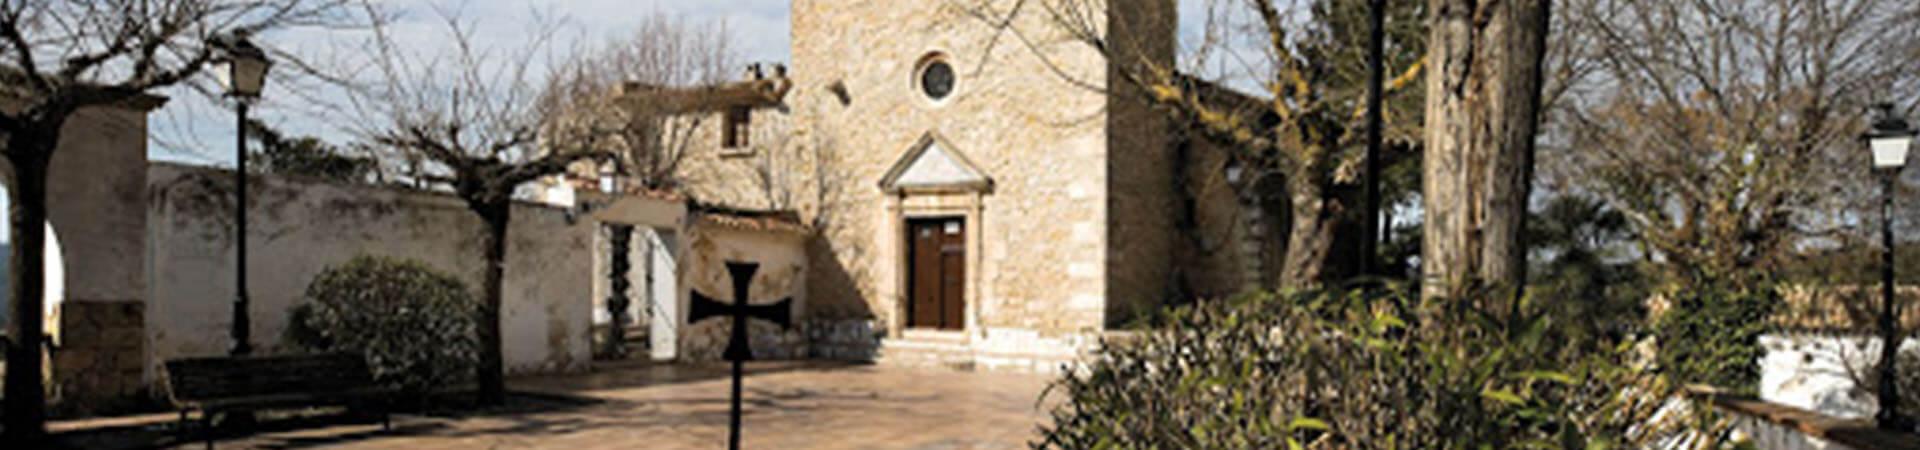 S-Sant Pere molanta